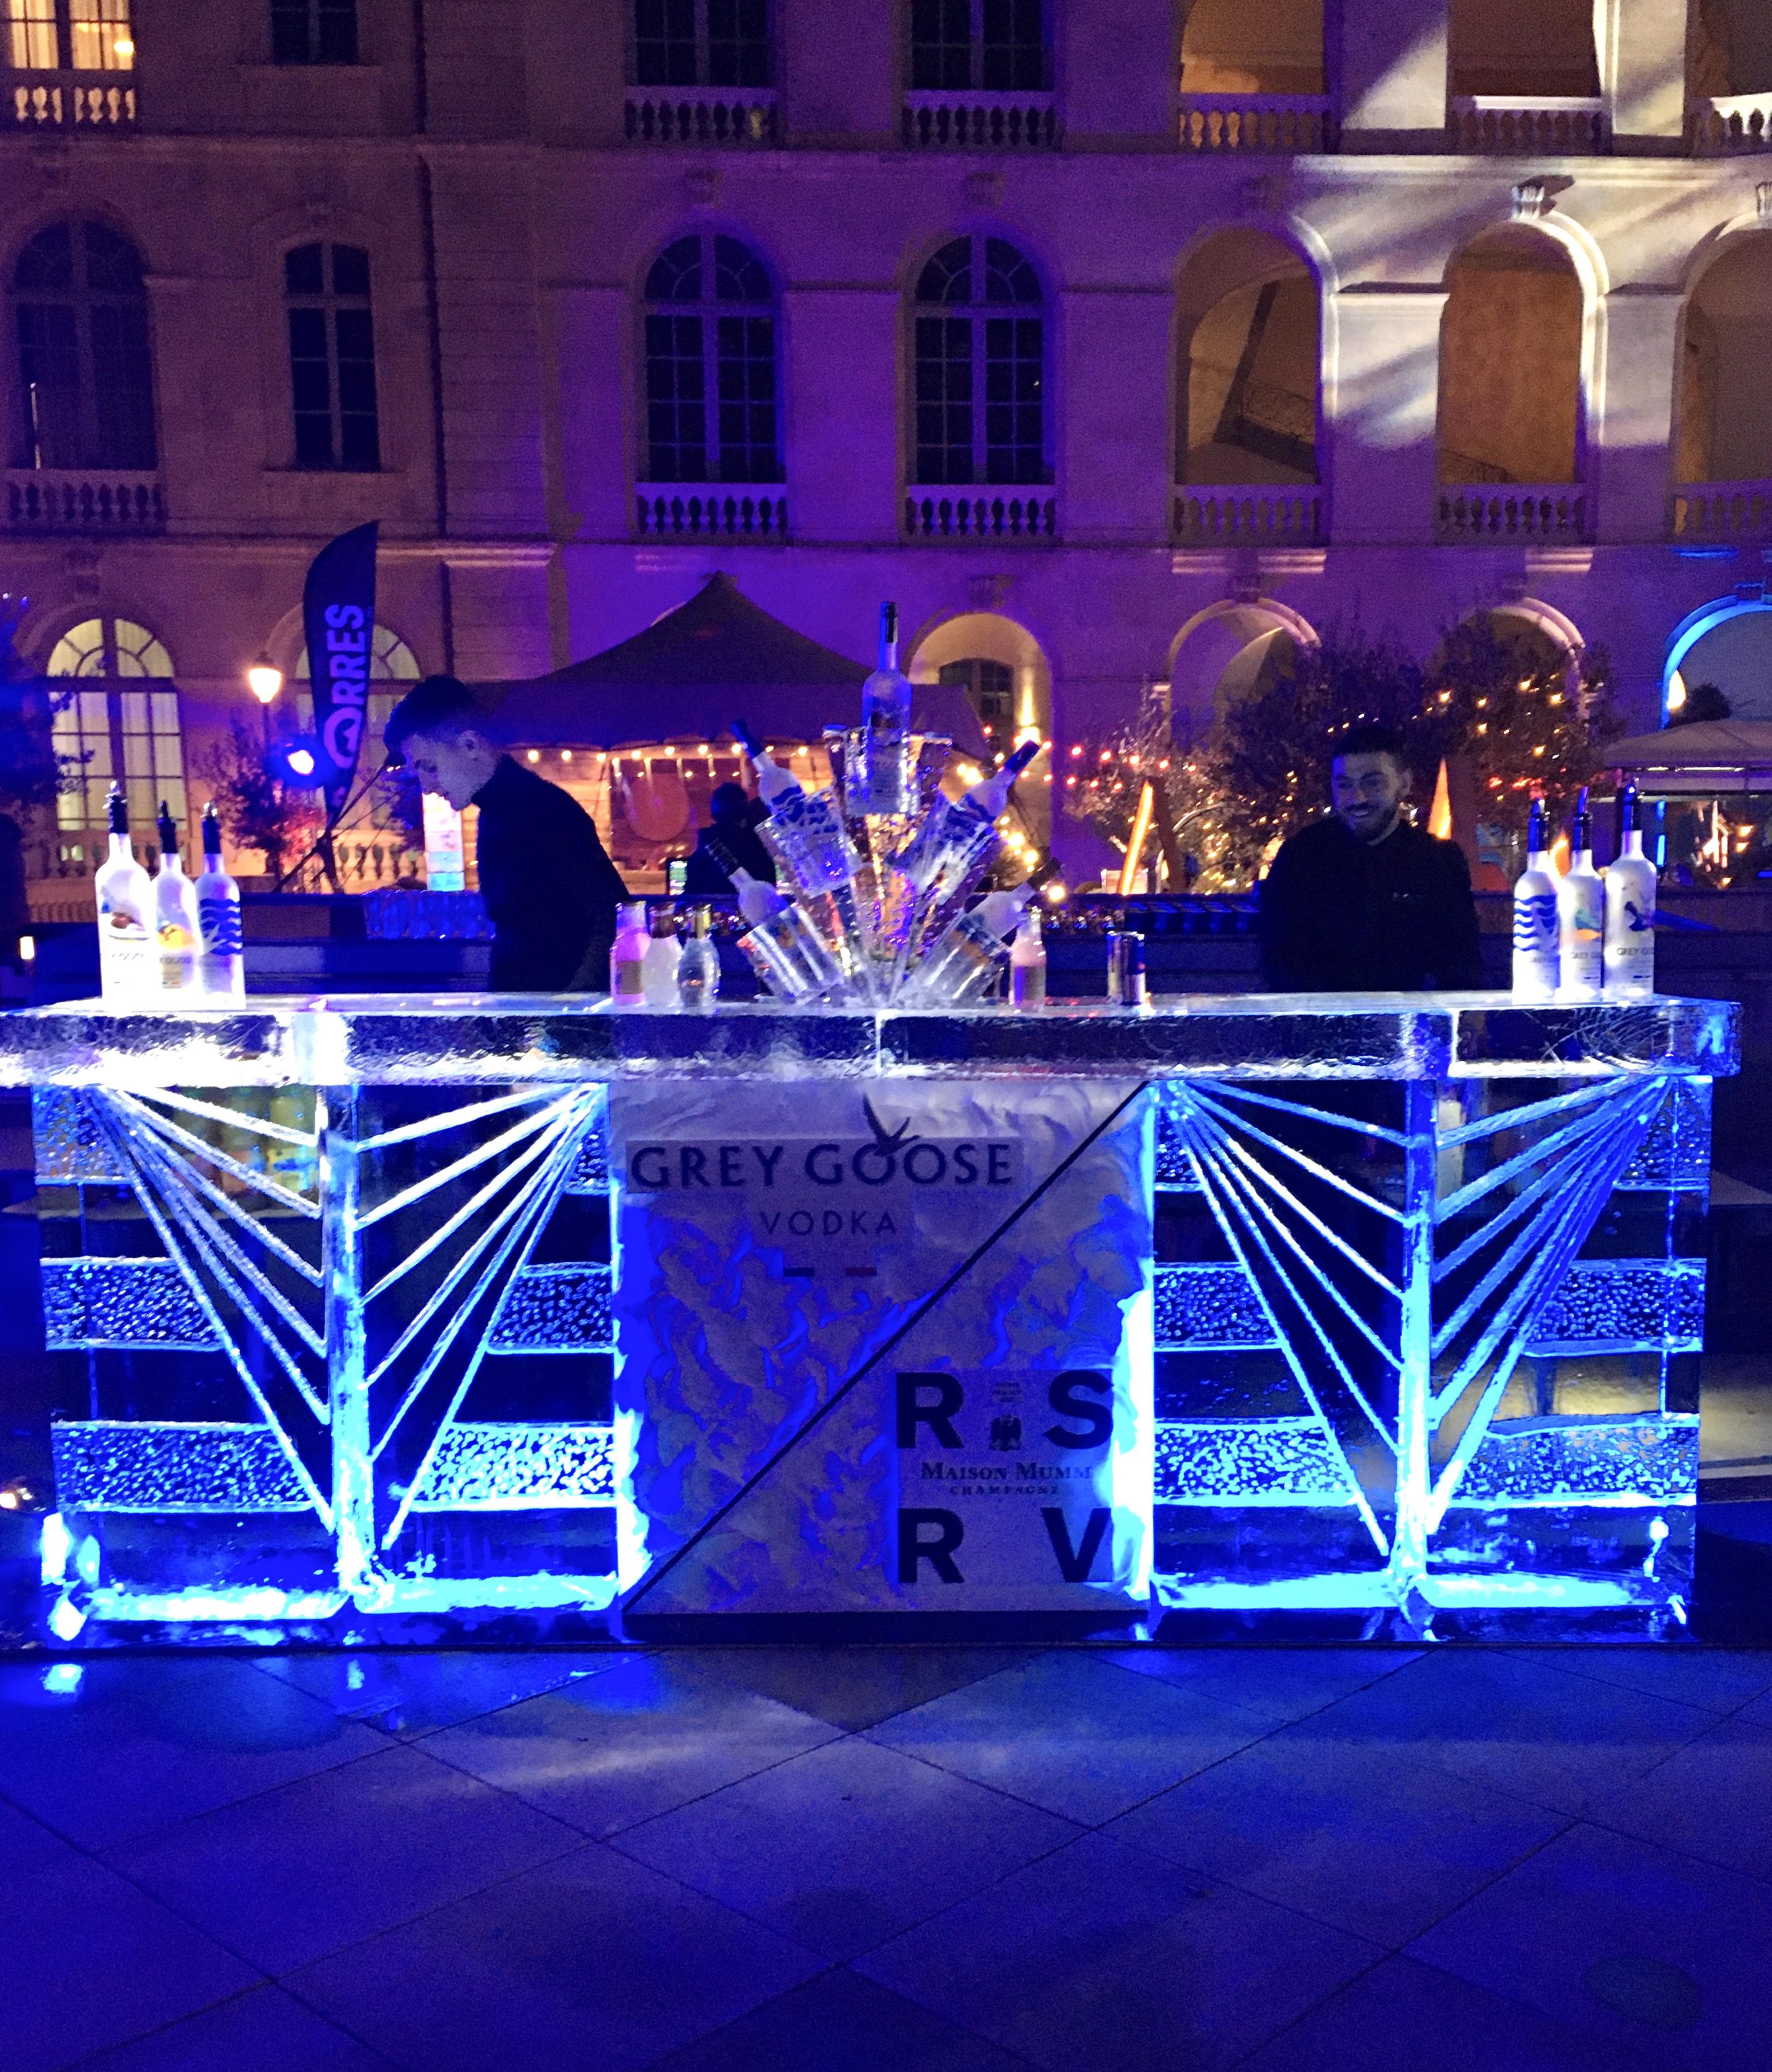 Ice Bar, Bar en glace, bar, sculpture sur glace